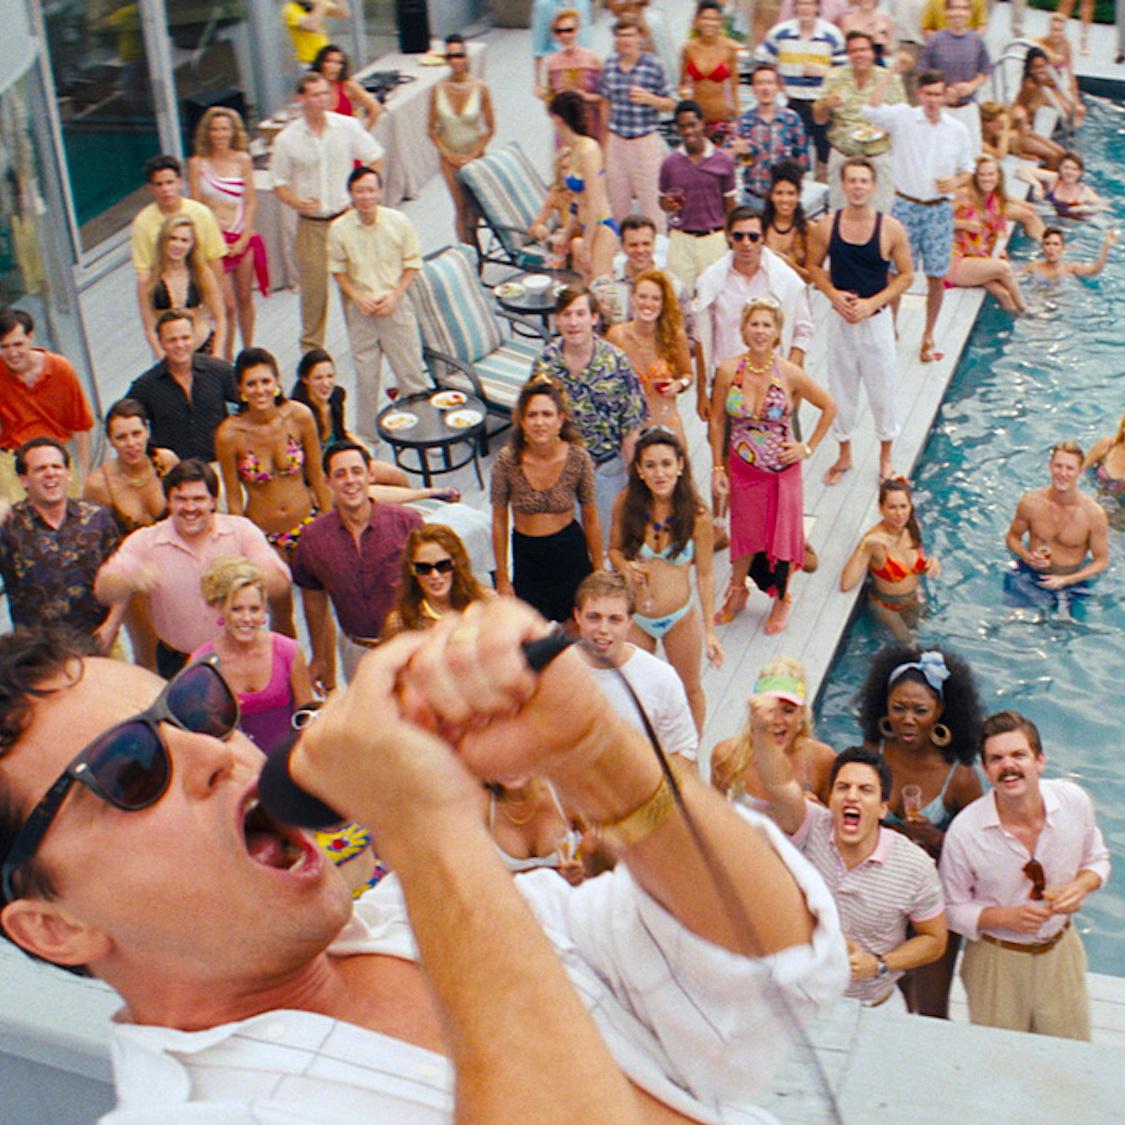 Comment Organiser Un Party D Ado comment organiser une pool party au milieu de son (petit